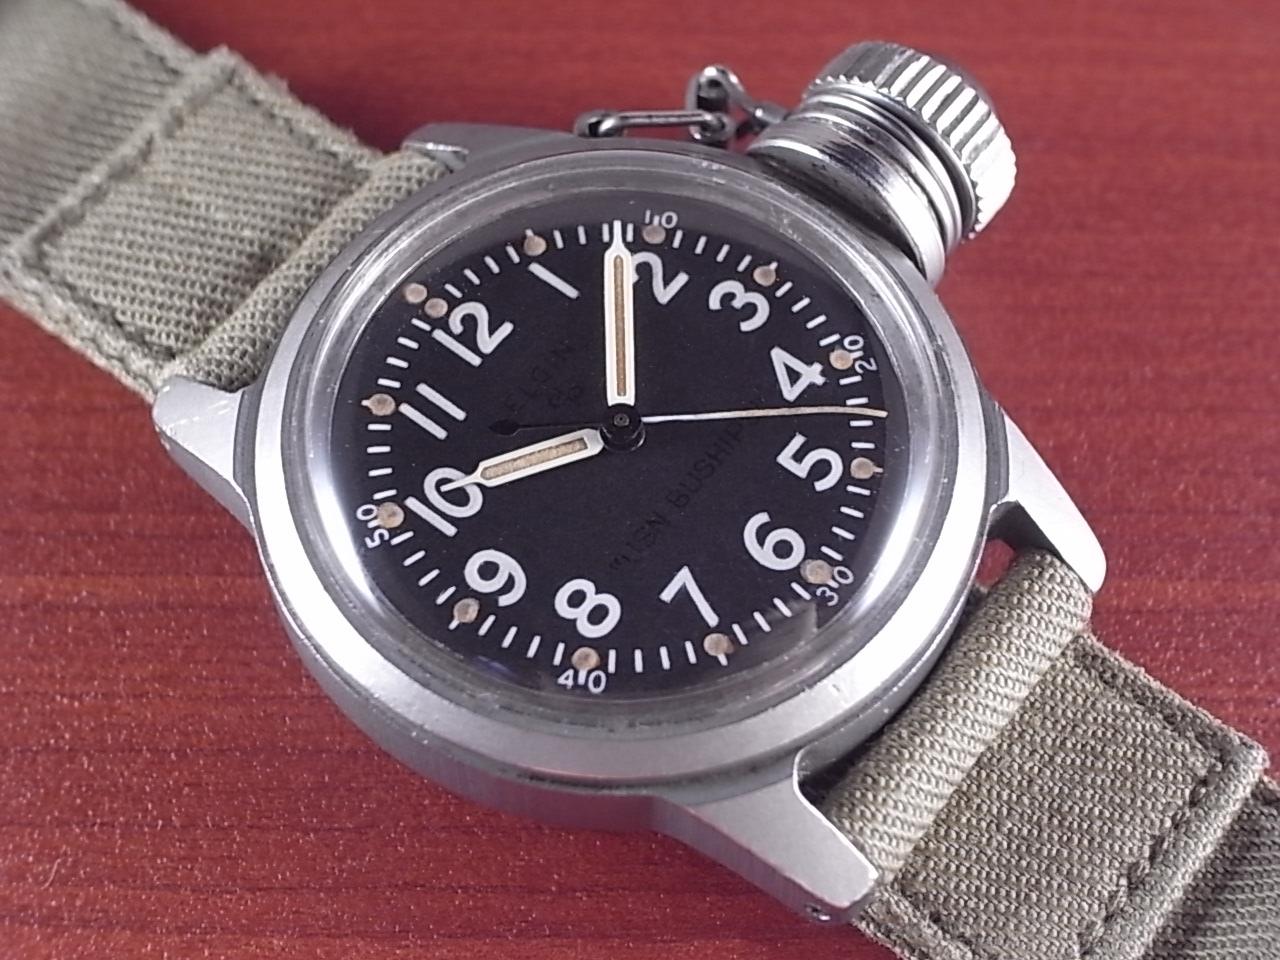 エルジン USN BUSHIPS キャンティーン UDT(水中爆破チーム)1950年代のメイン写真